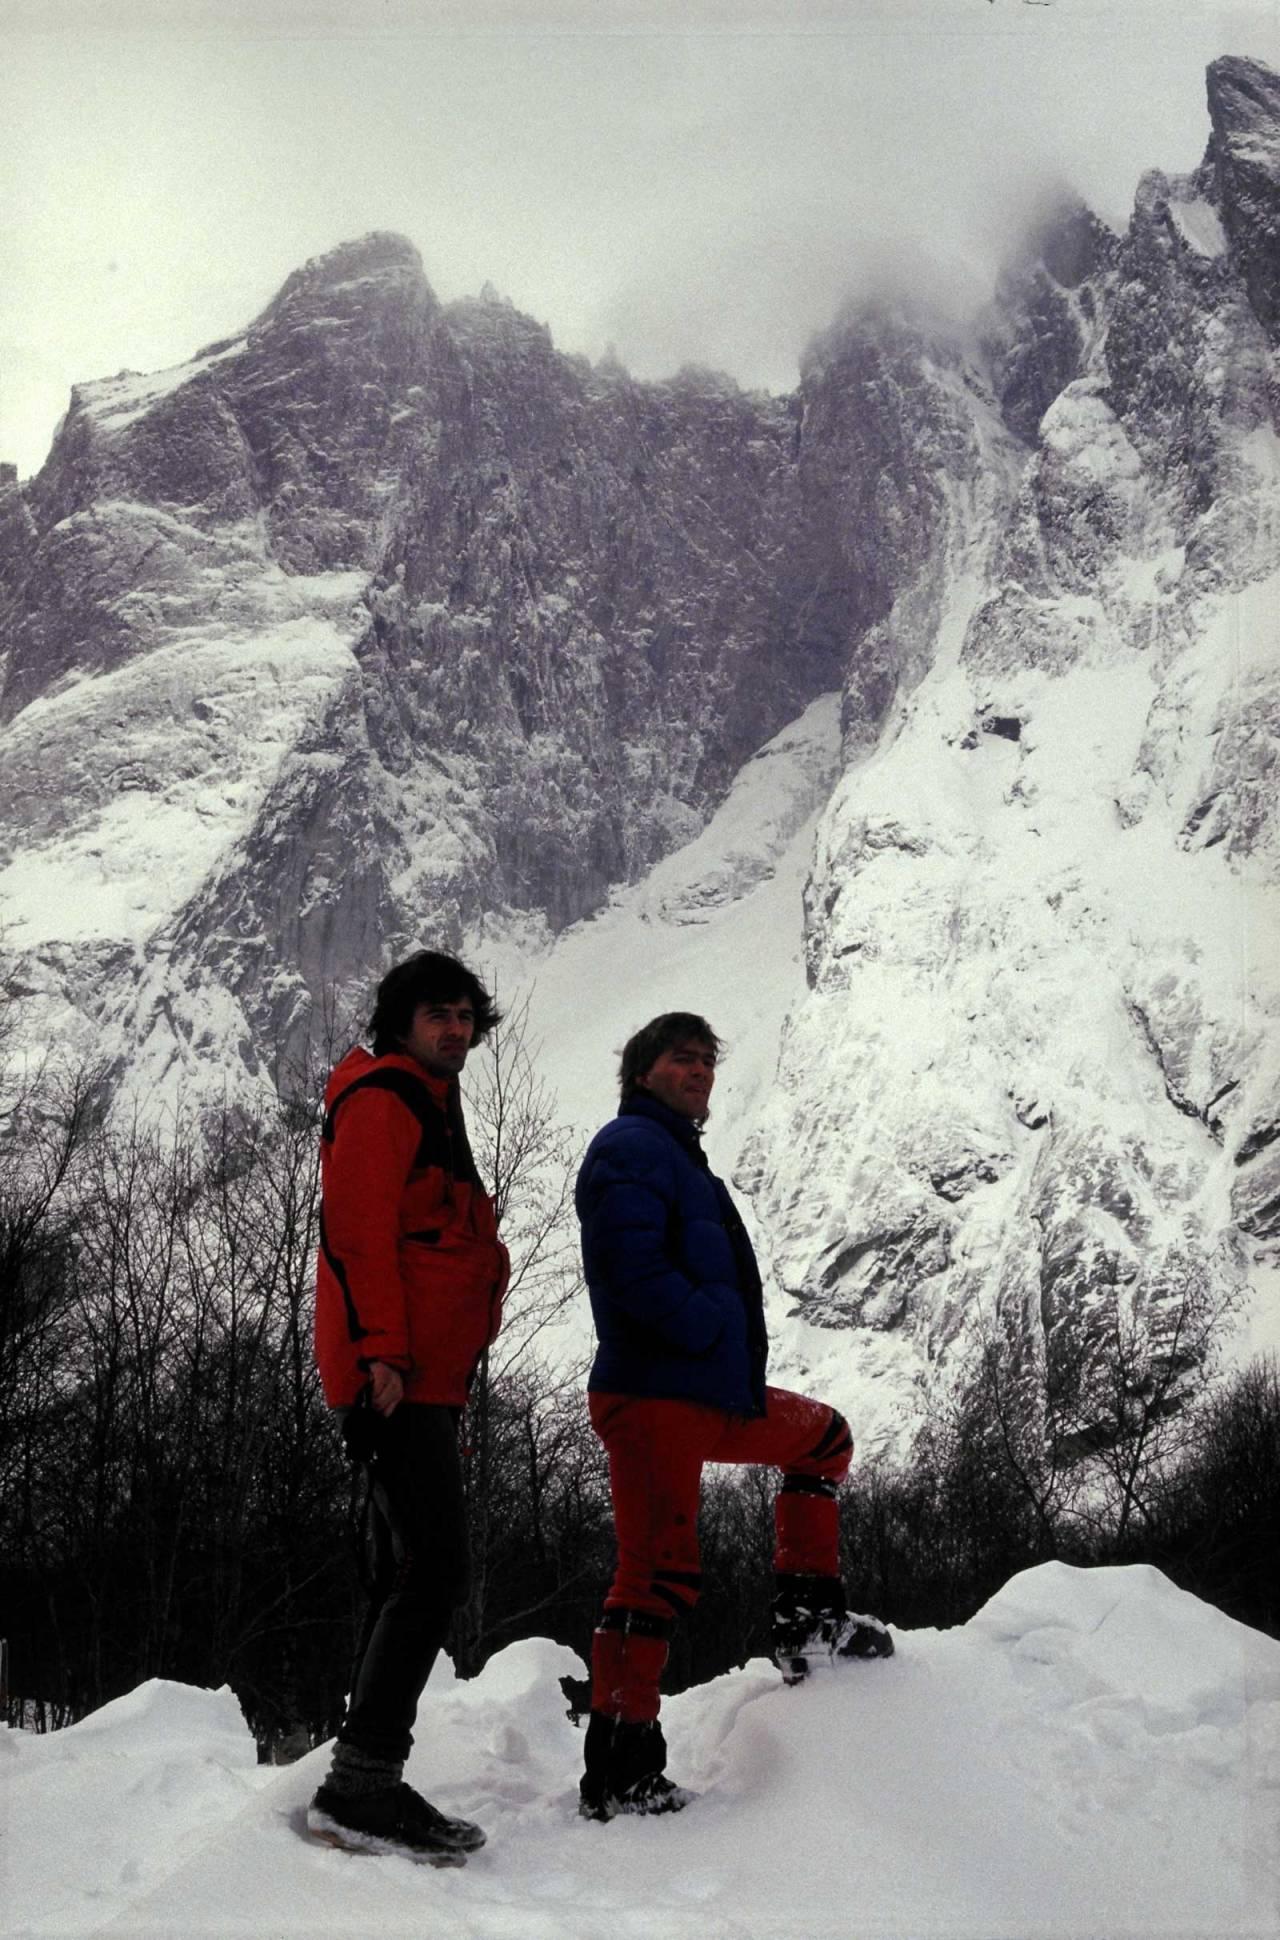 VED TROLLVEGGEN: Øyvind Vadla og Aslak Aastorp under Trollveggen. – Vi ventet på været i en uke mens snøen lavet ned i Romsdalen og vi begynte å bli litt frustrerte. Var jo litt skeptisk til rasfare, men da været endelig snudde var det ingen diskusjon. Vi måtte bare prøve, forteller Aslak. Foto: Jon Grimsmo